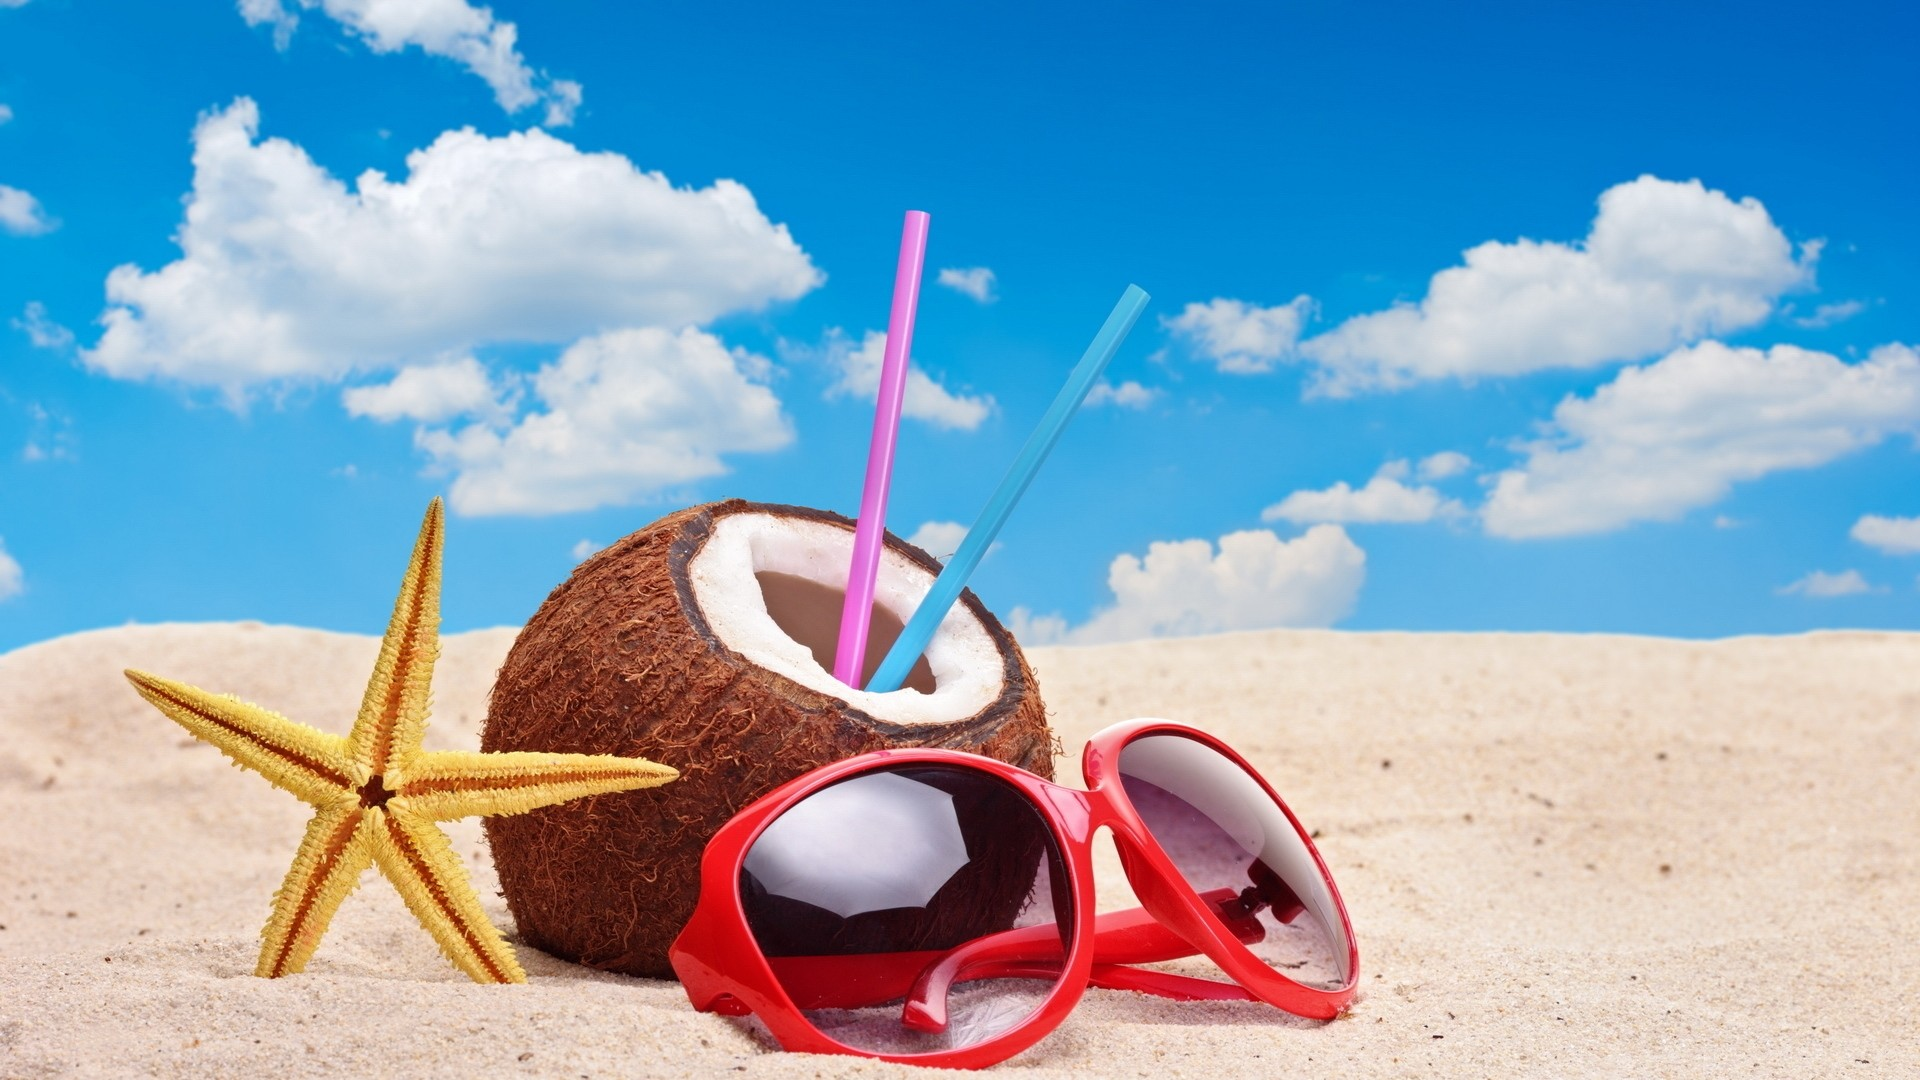 Summer Wallpaper Pictures Summer Wallpaper Screensavers